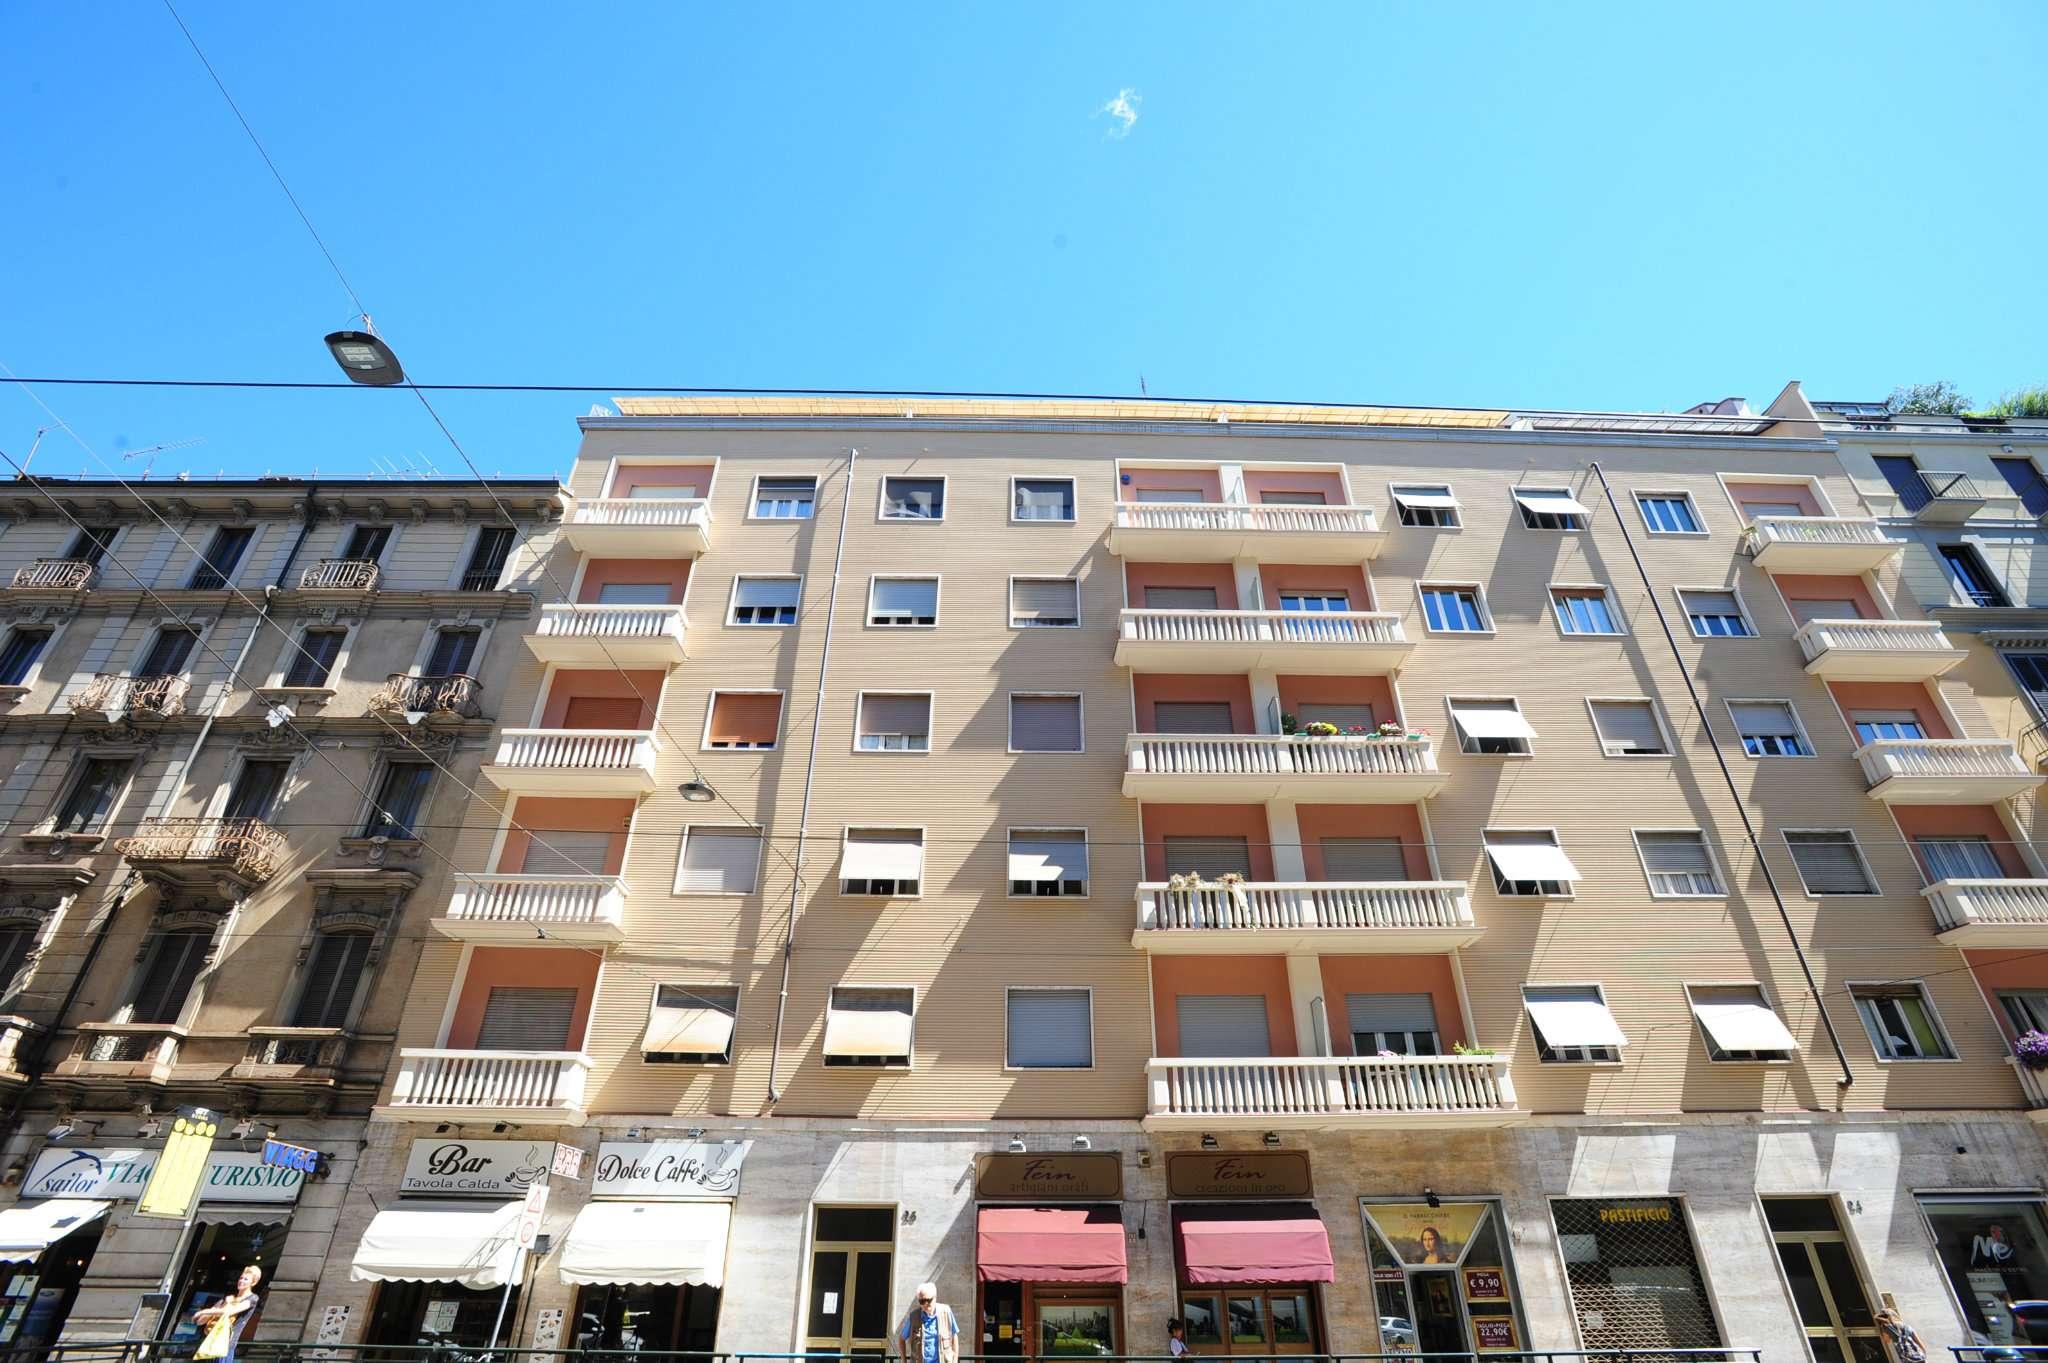 Immagine immobiliare Appartamento in affitto ampio quadrilocale. Via Cibrario 26 pressi Via Principi d'Accaja ,comodo alla metropolitana,affittiamo al primo pianoin stabile con ascensore ,ampio appartamento in buono stato composto: da ampio ingresso, salone...